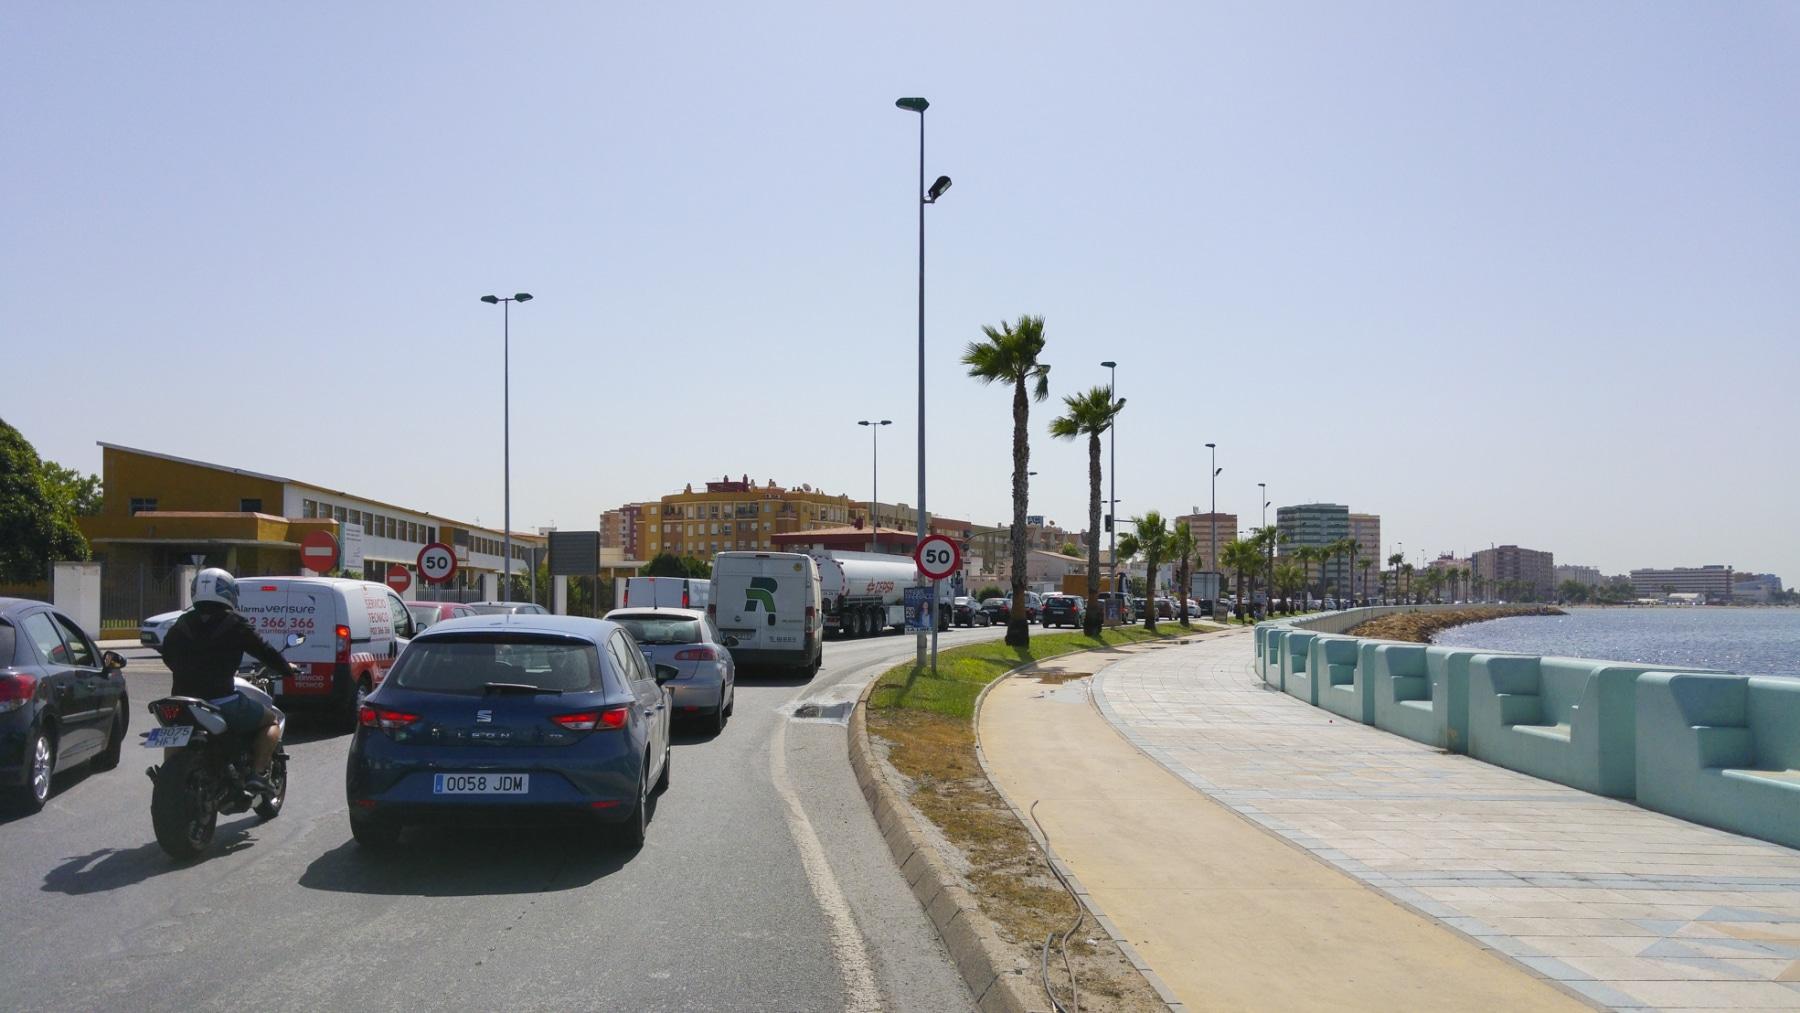 cola-entrada-a-gibraltar-28072015-04_19901601348_o